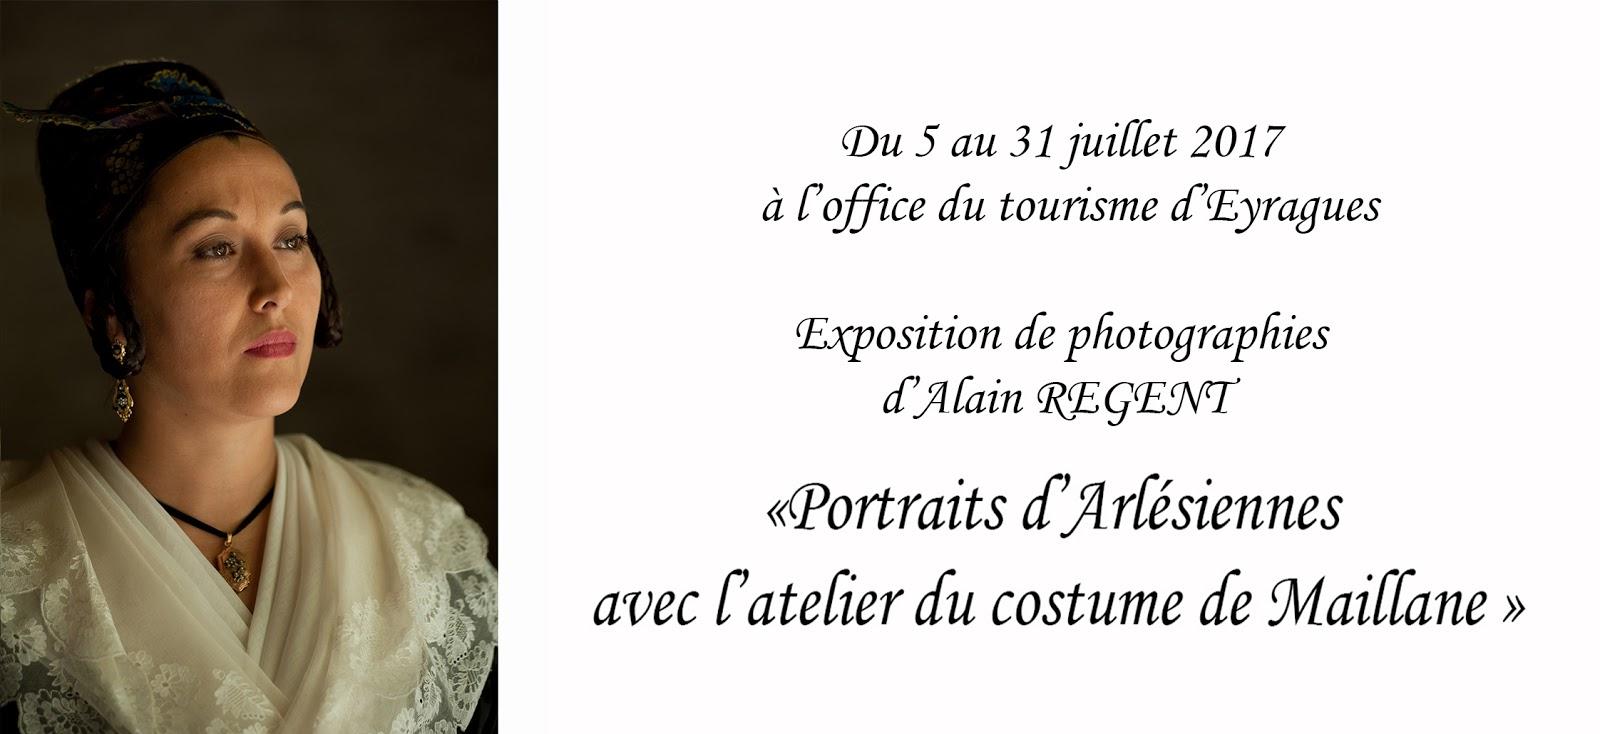 Le journal d 39 eyragues exposition l 39 office du tourisme - Les carroz d arrache office du tourisme ...